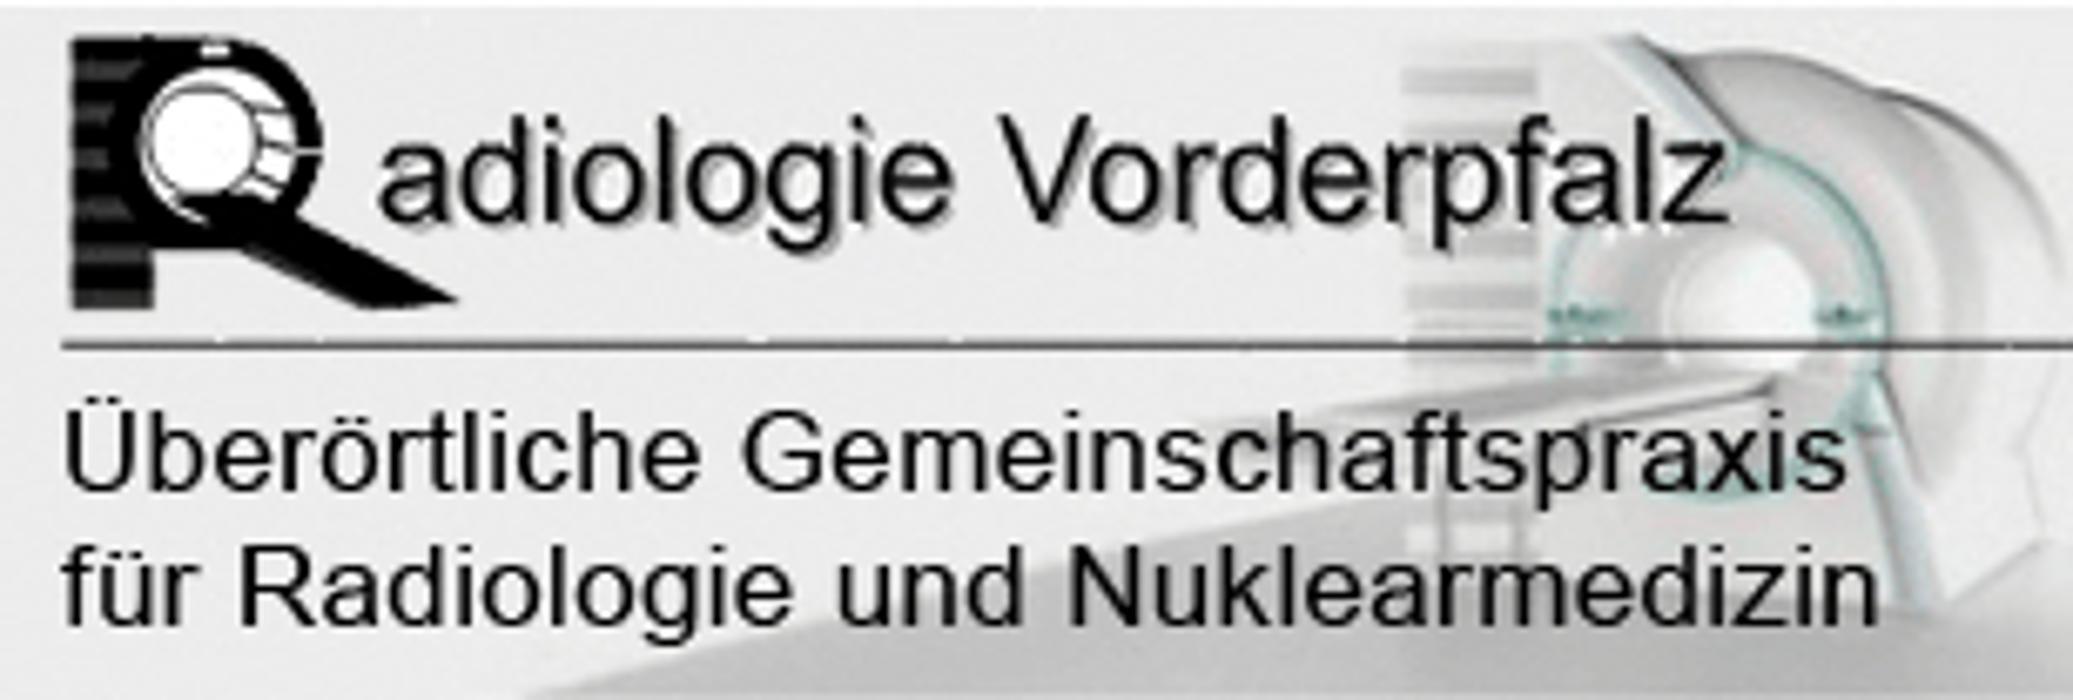 Bild zu Radiologie Vorderpfalz Grünstadt in Grünstadt